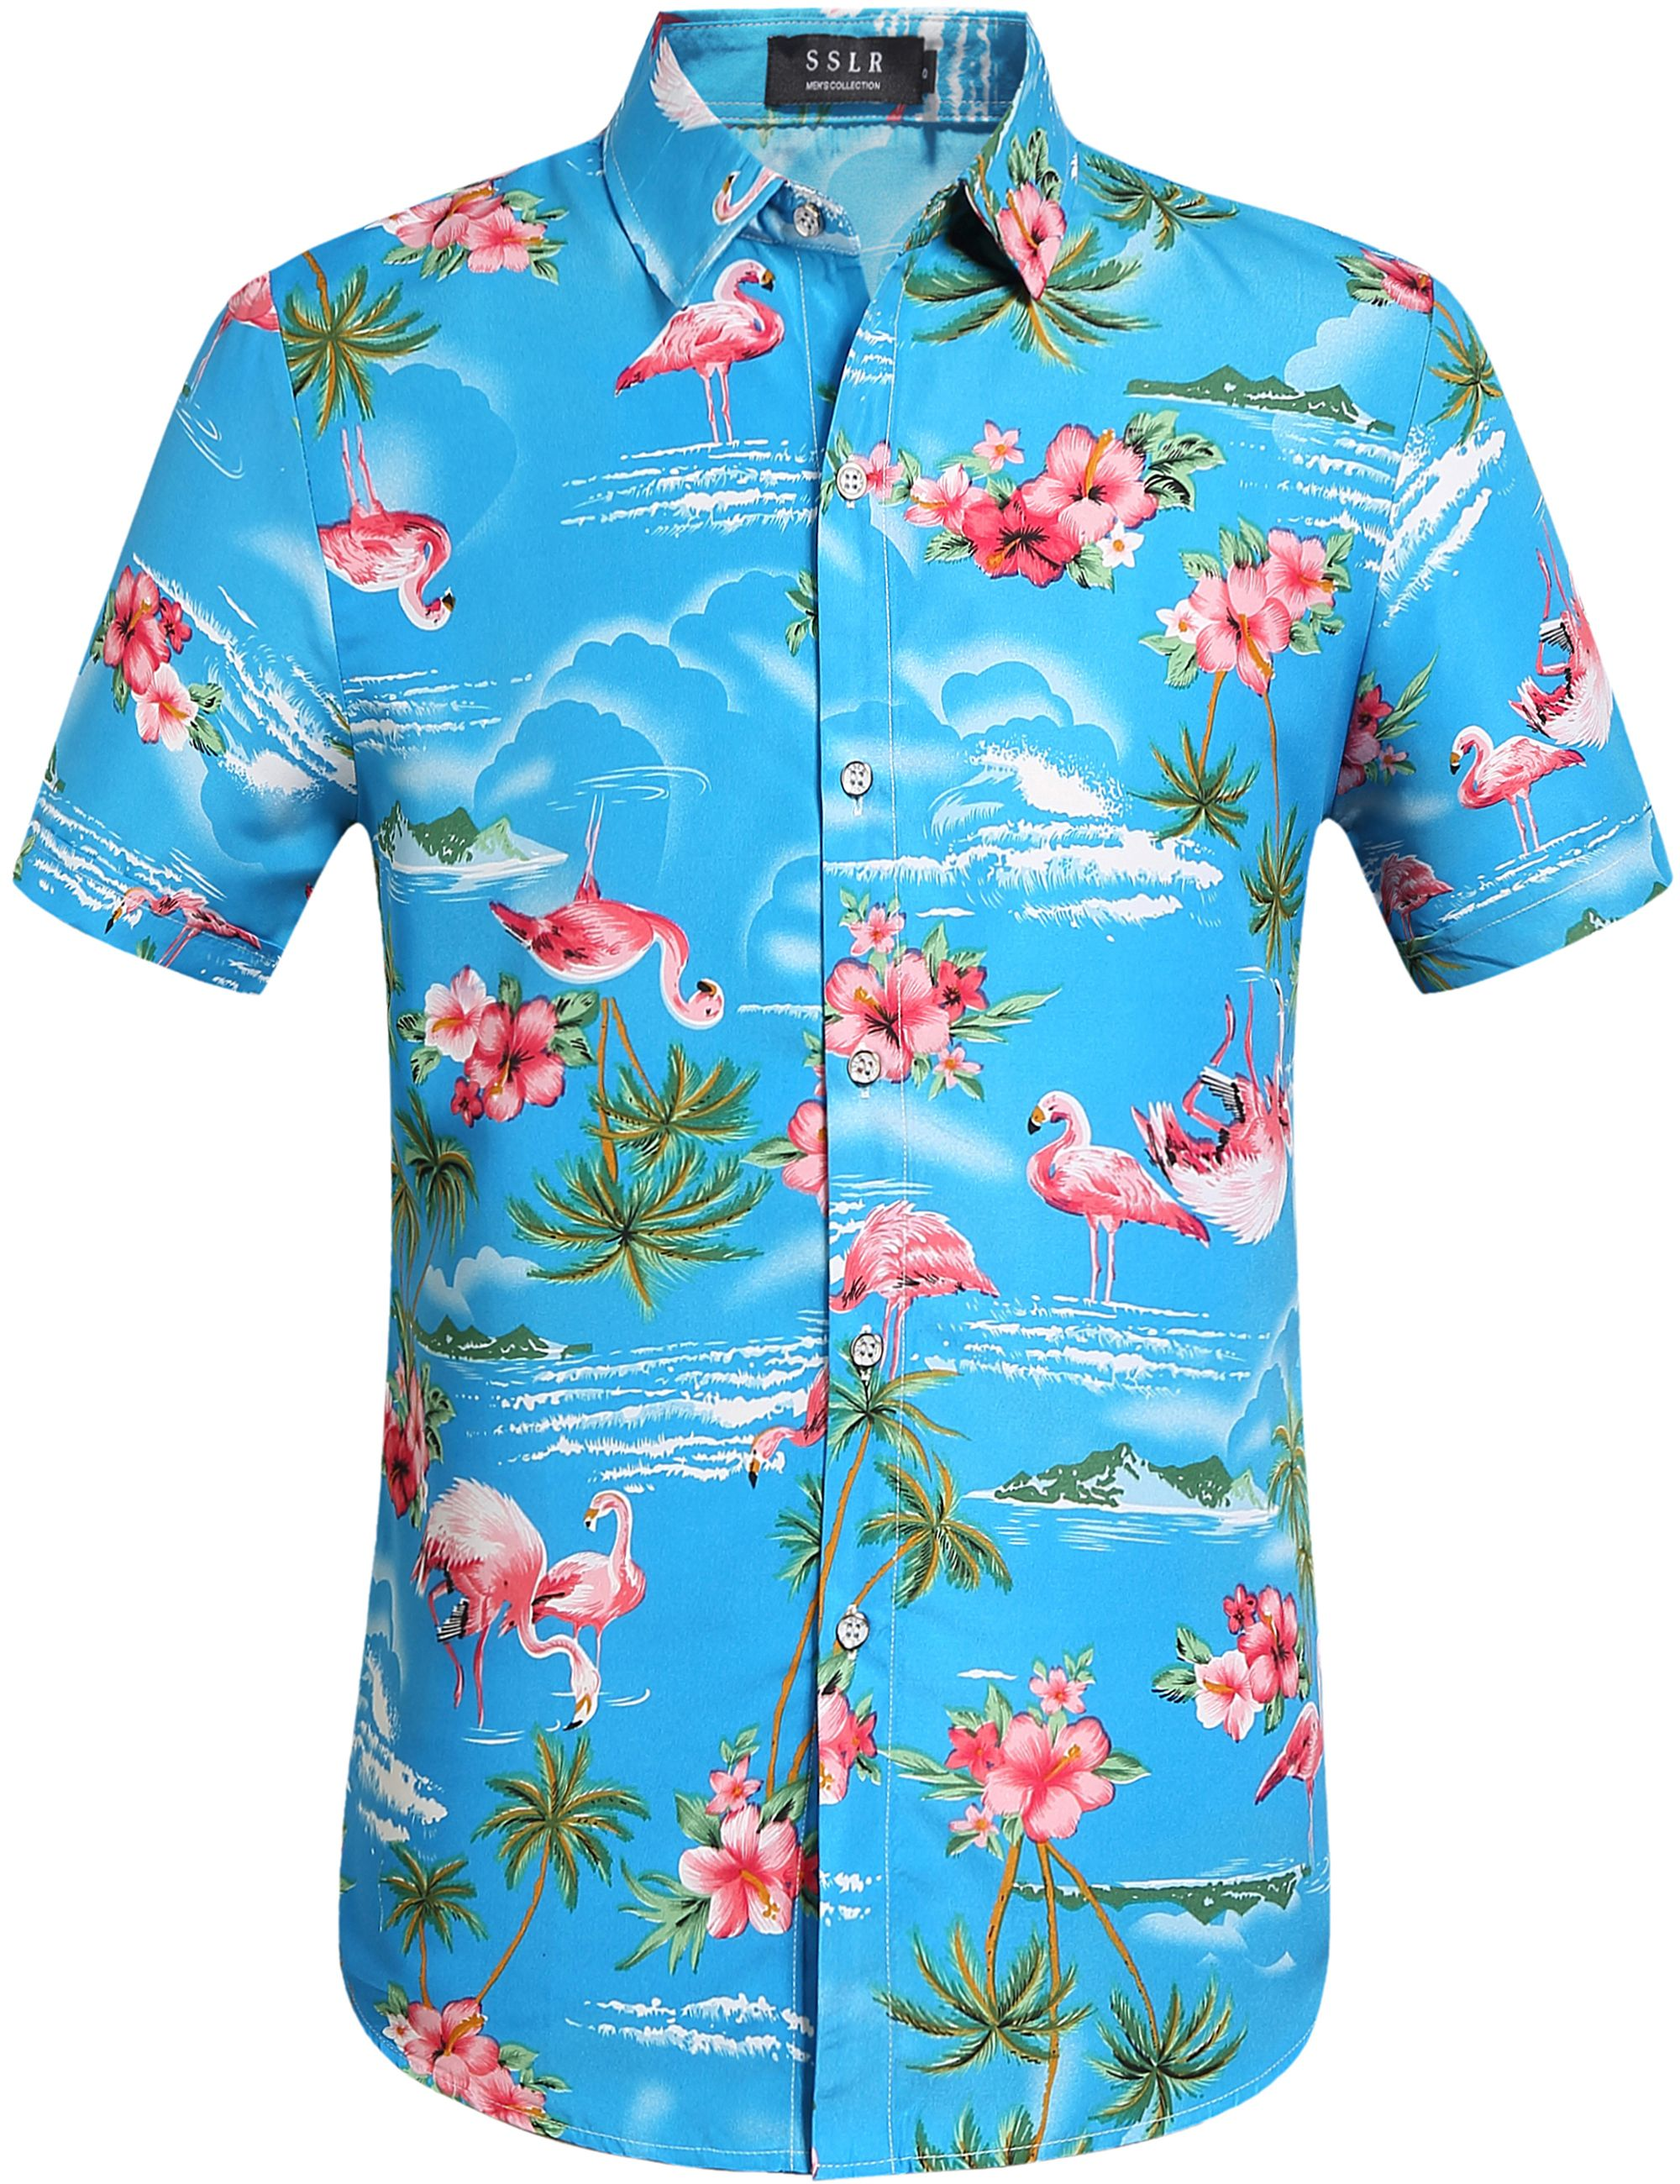 SSLR Men/'s Flowers Flamingos Casual Aloha Tropical Hawaiian Shirt